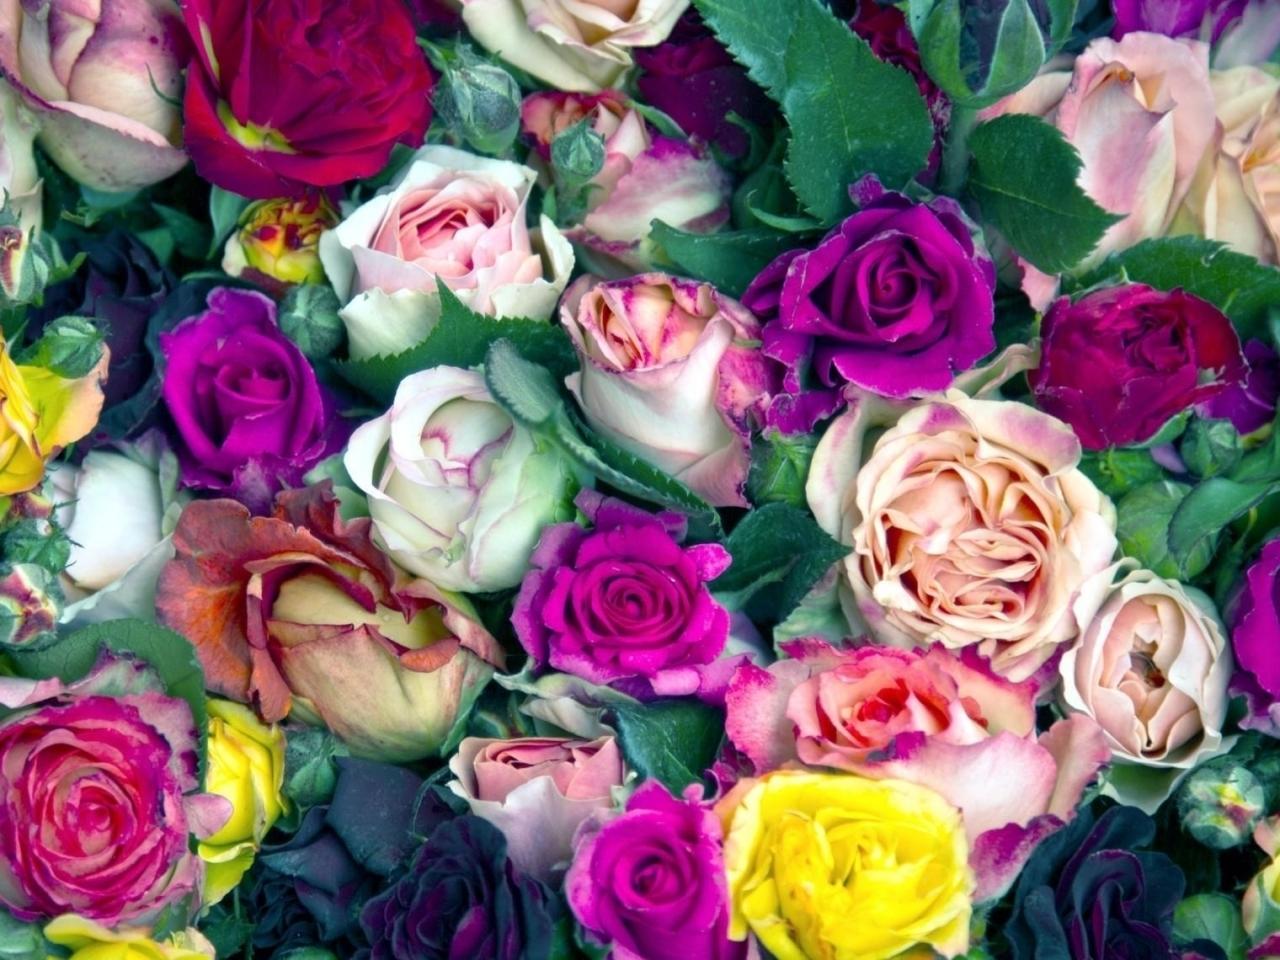 15619 descargar fondo de pantalla Plantas, Flores, Fondo, Roses: protectores de pantalla e imágenes gratis